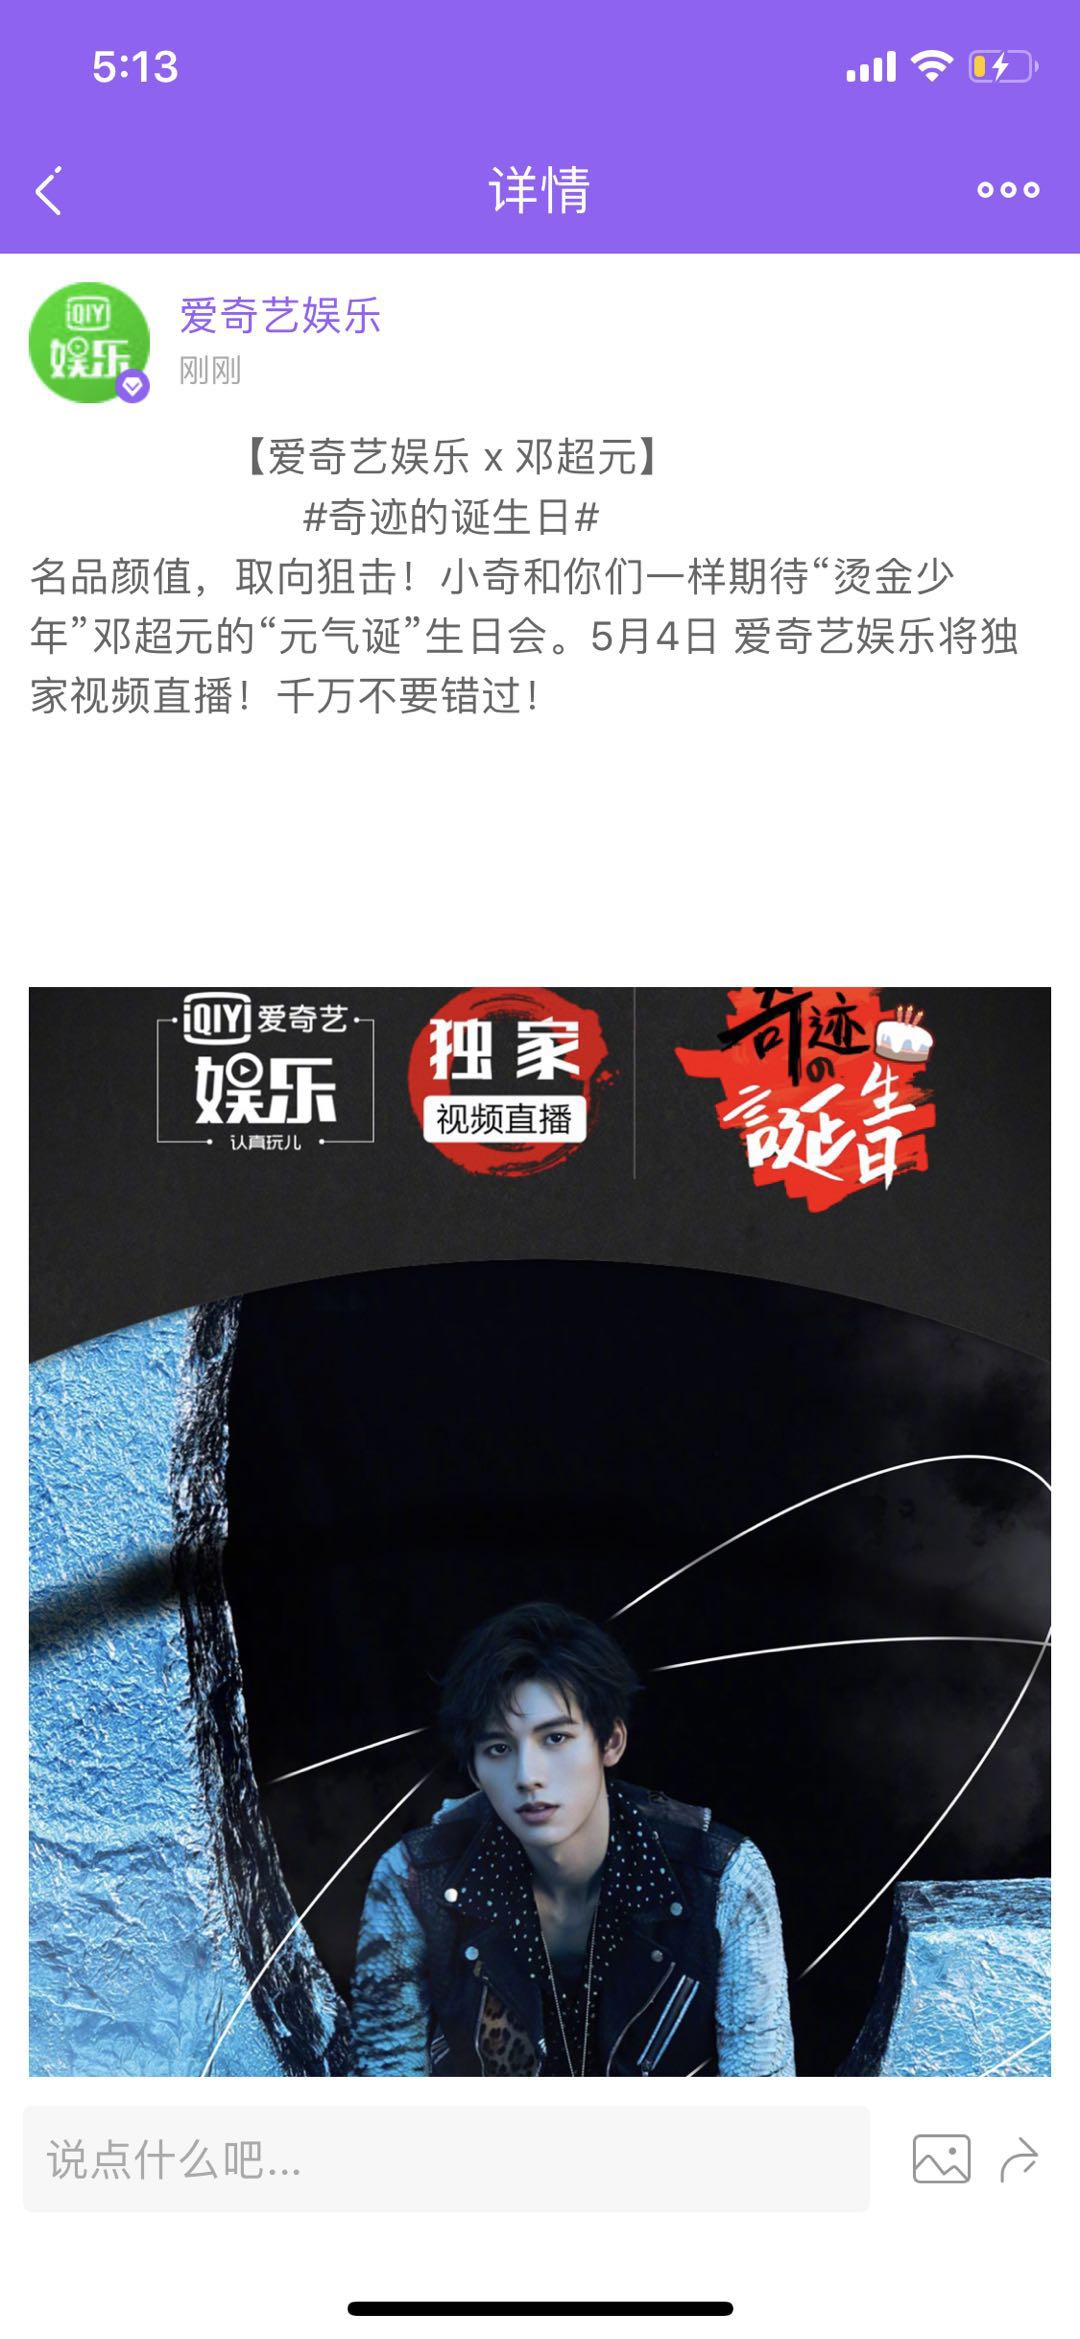 爱奇艺娱乐携邓超元入驻超级星饭团 5.4生日会等你来撩